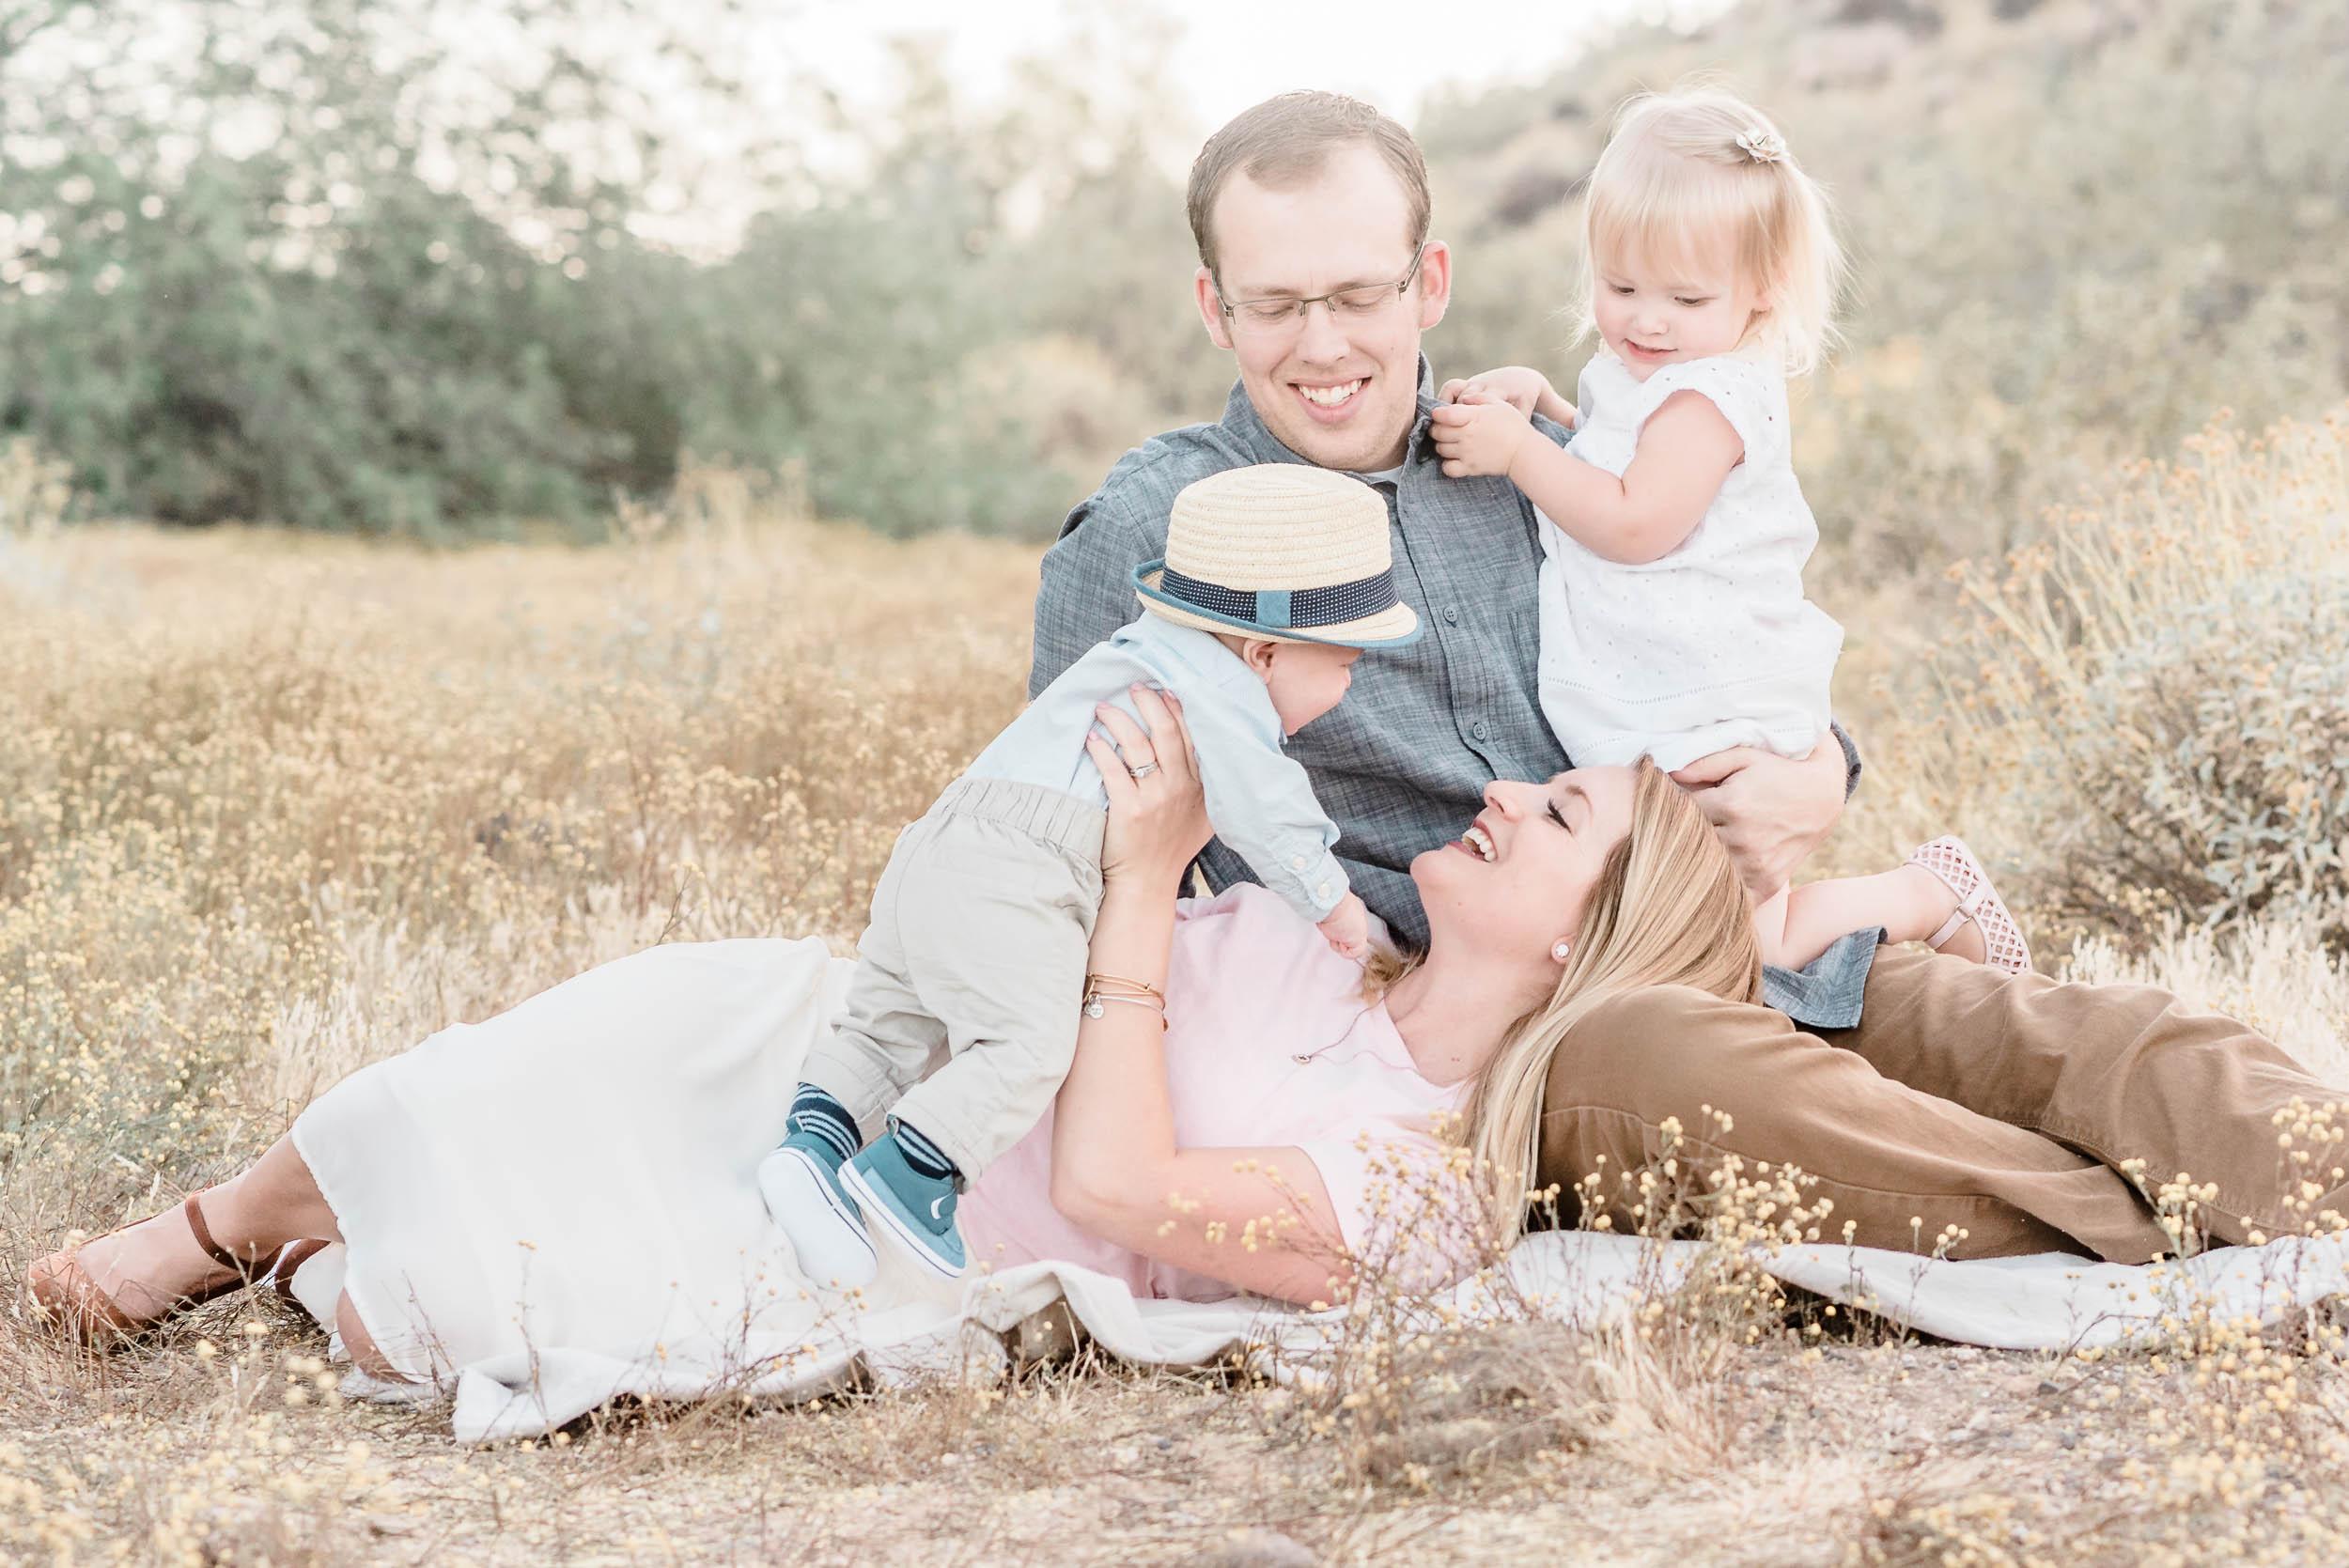 RachaelLaynePhotography_SCfamilyphotographer11.jpg